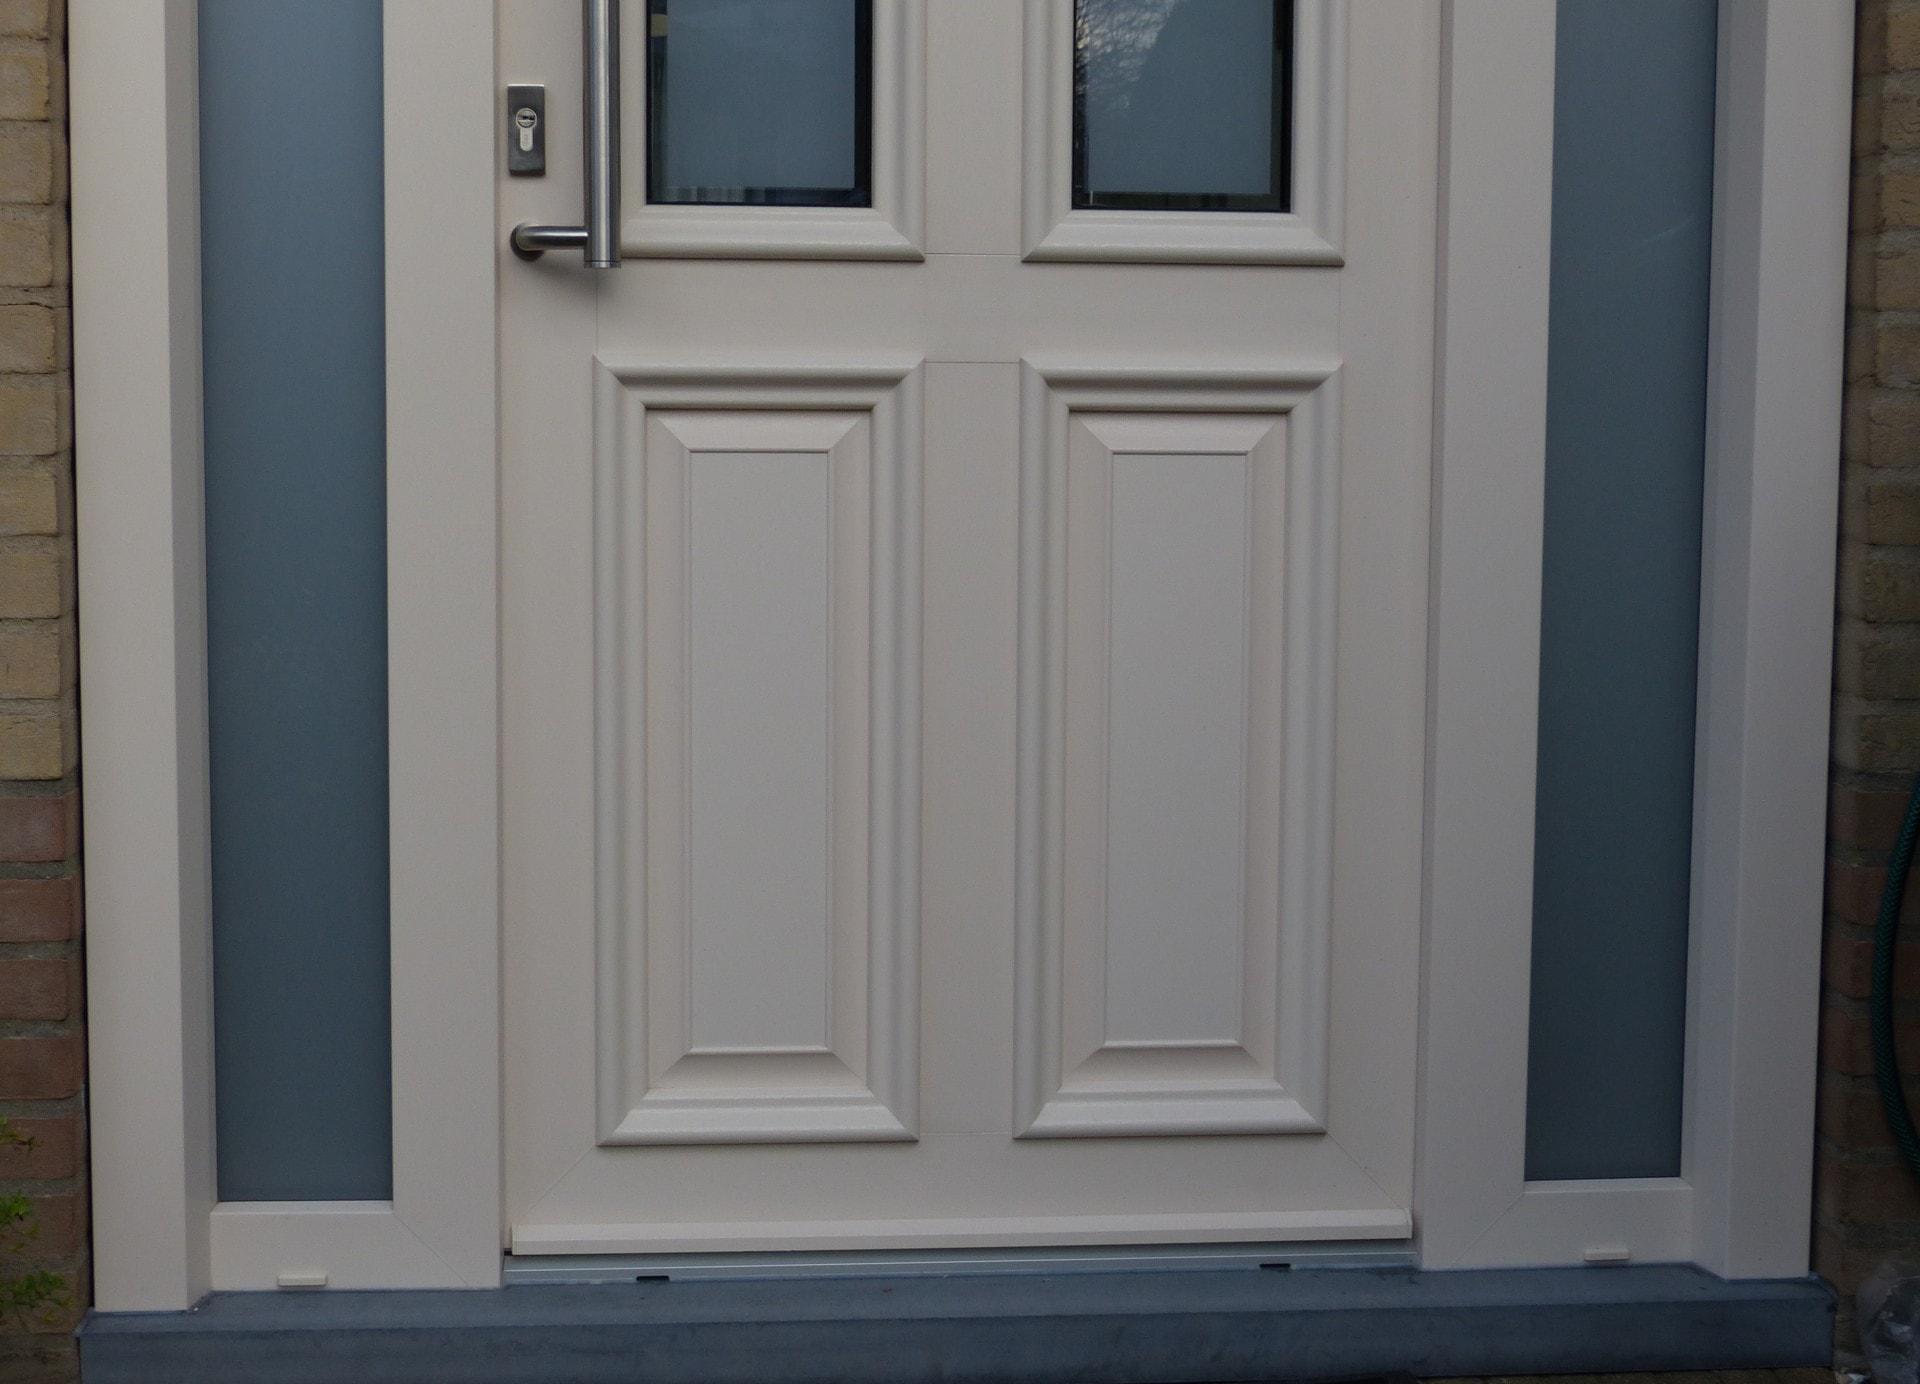 Kunstof Deuren Prijzen : Kunststof voordeuren windowplus